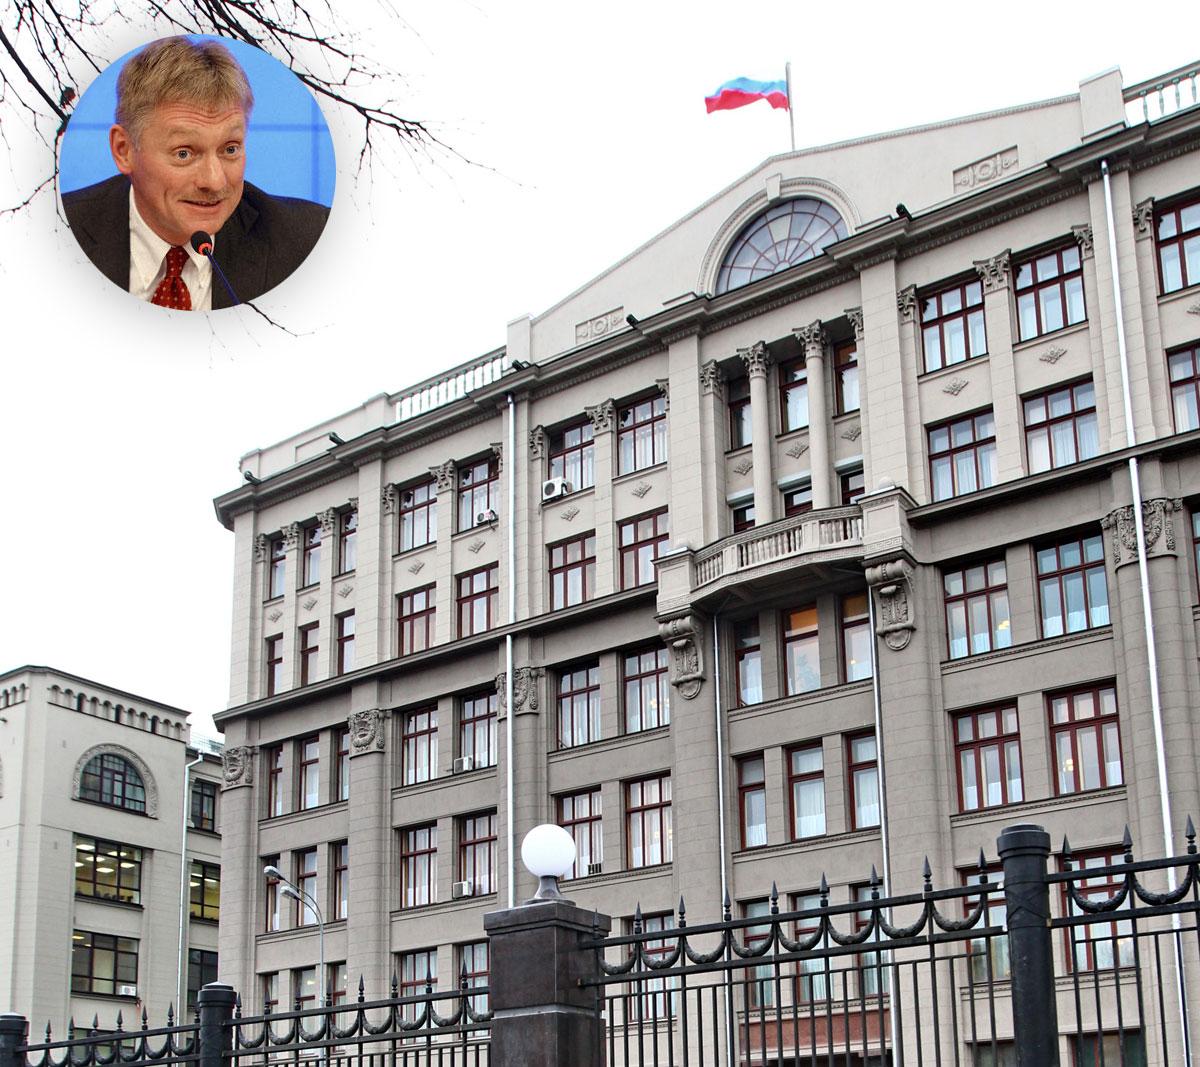 アレクセイ・フィリポフ/ロシア通信、アンドレイ・ステニン/ロシア通信